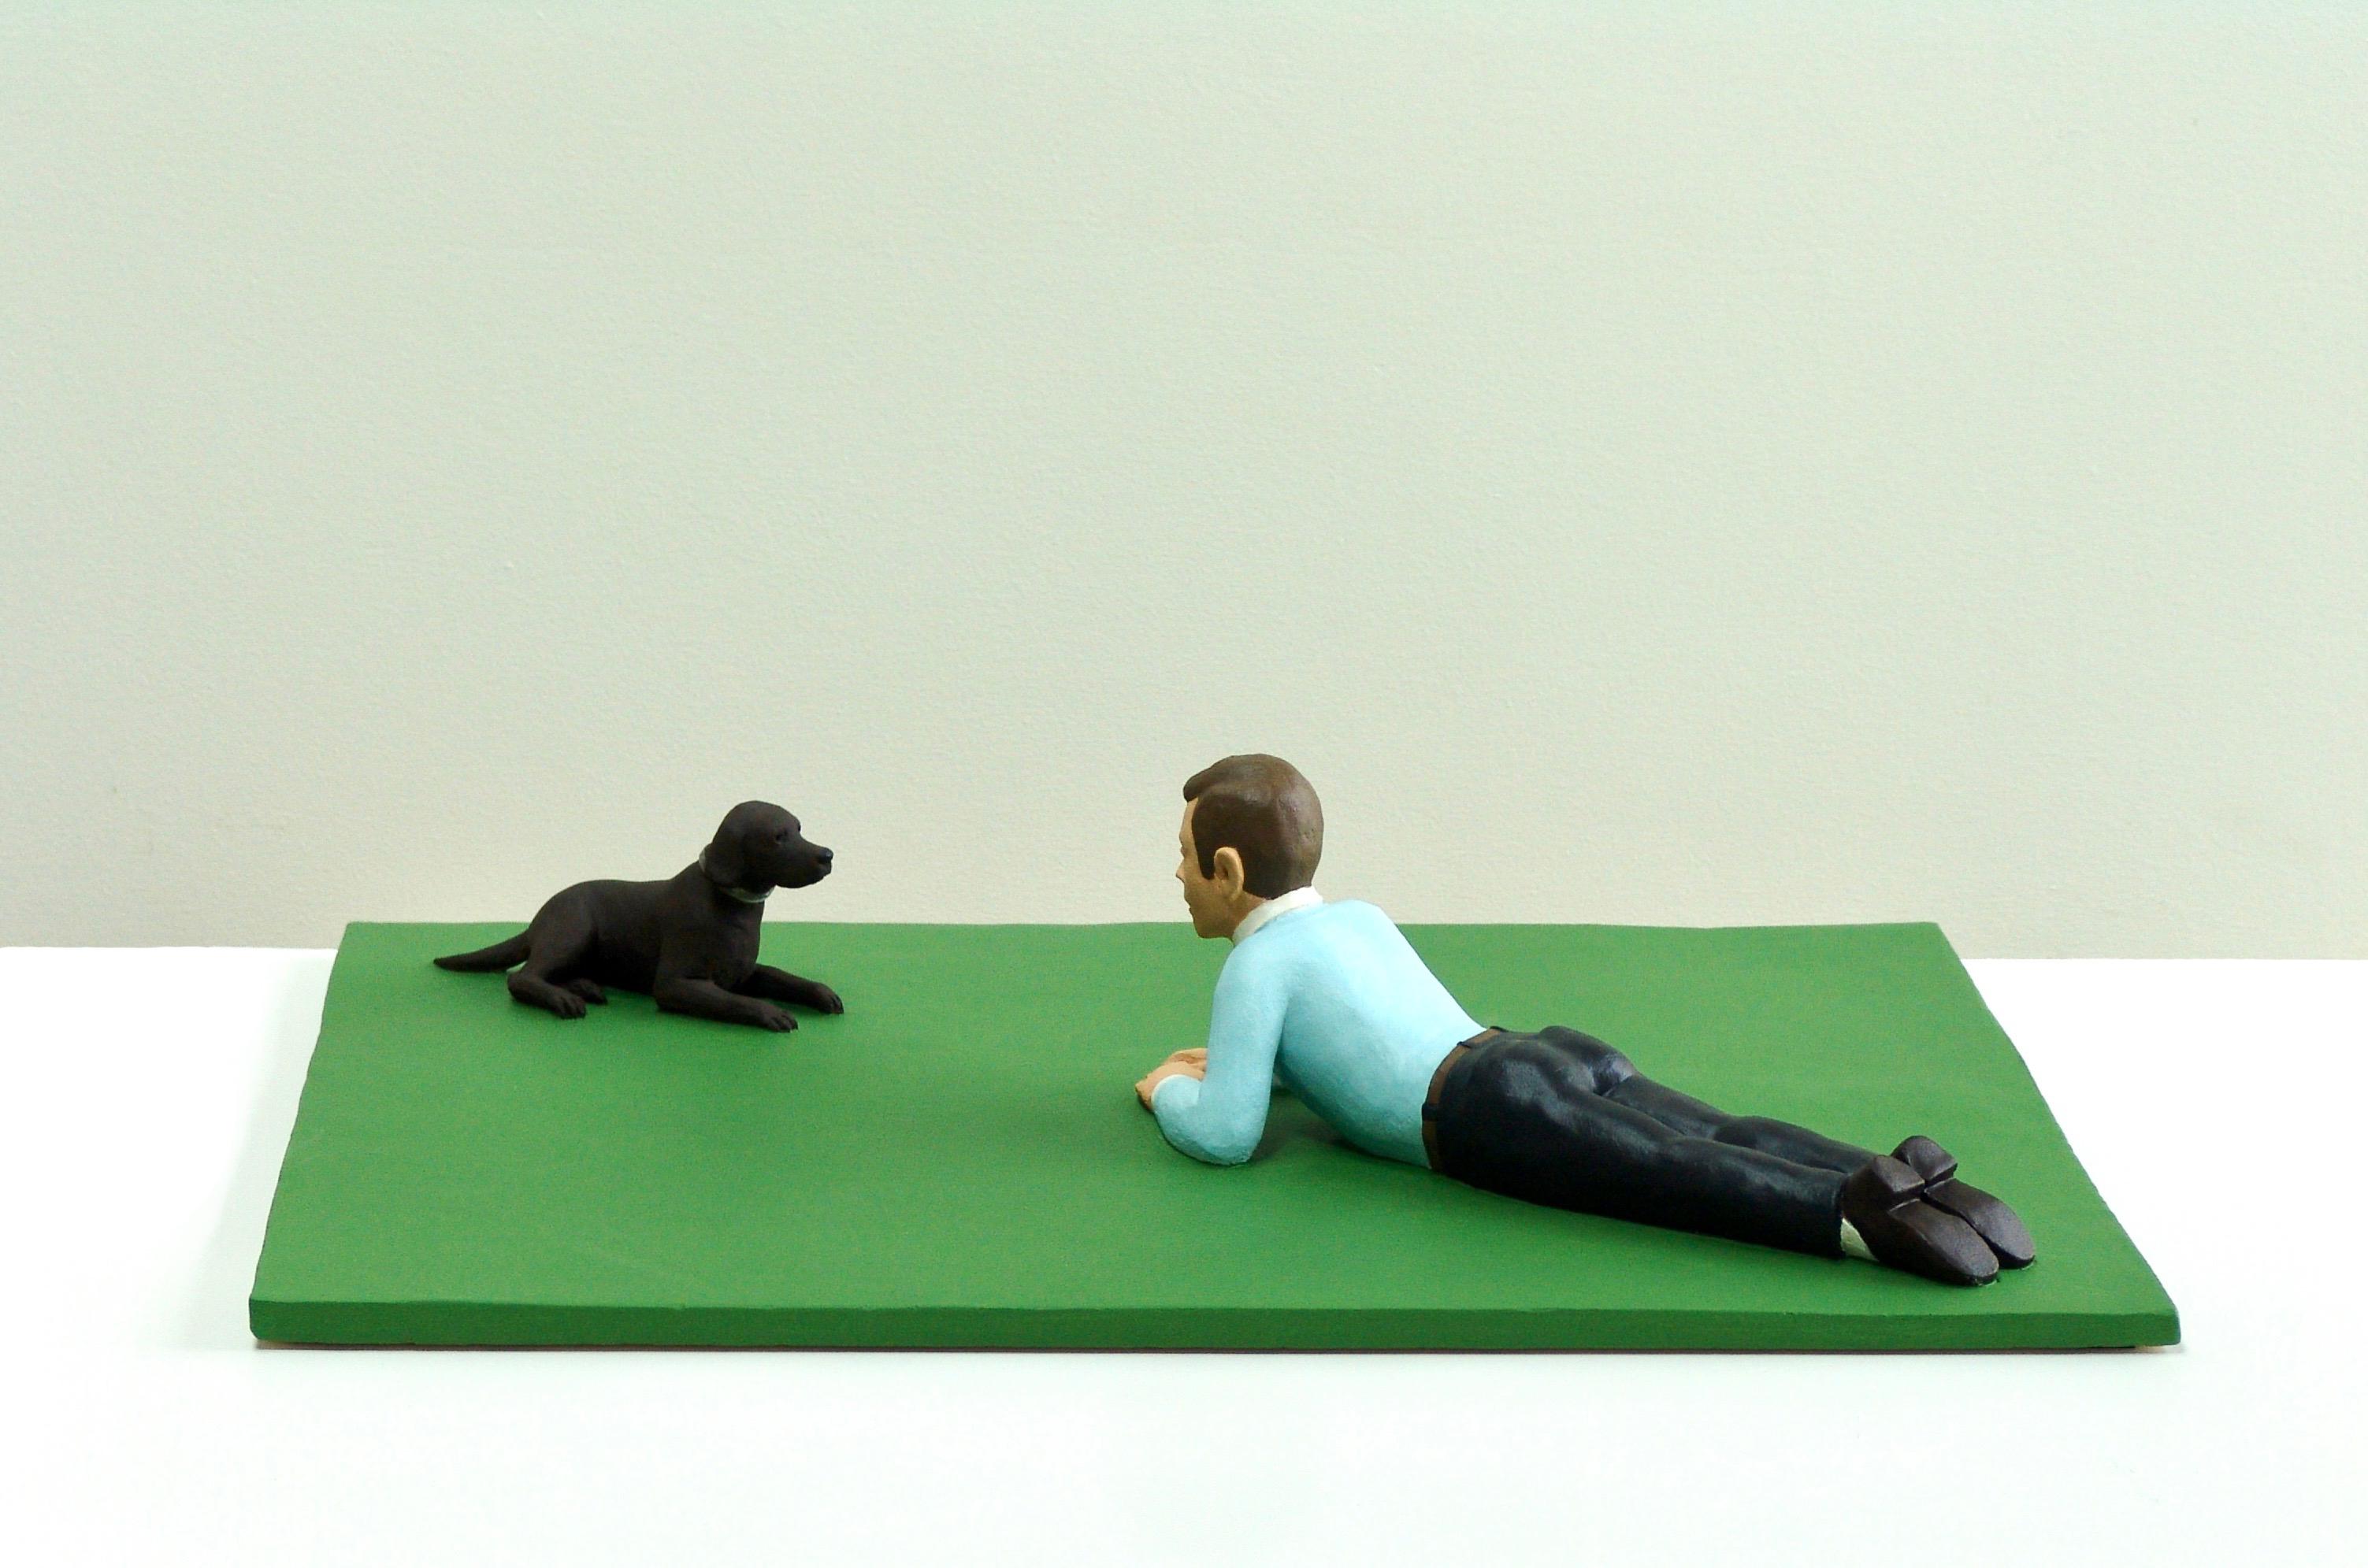 La metafisica della mitezza Artista Nando Crippa